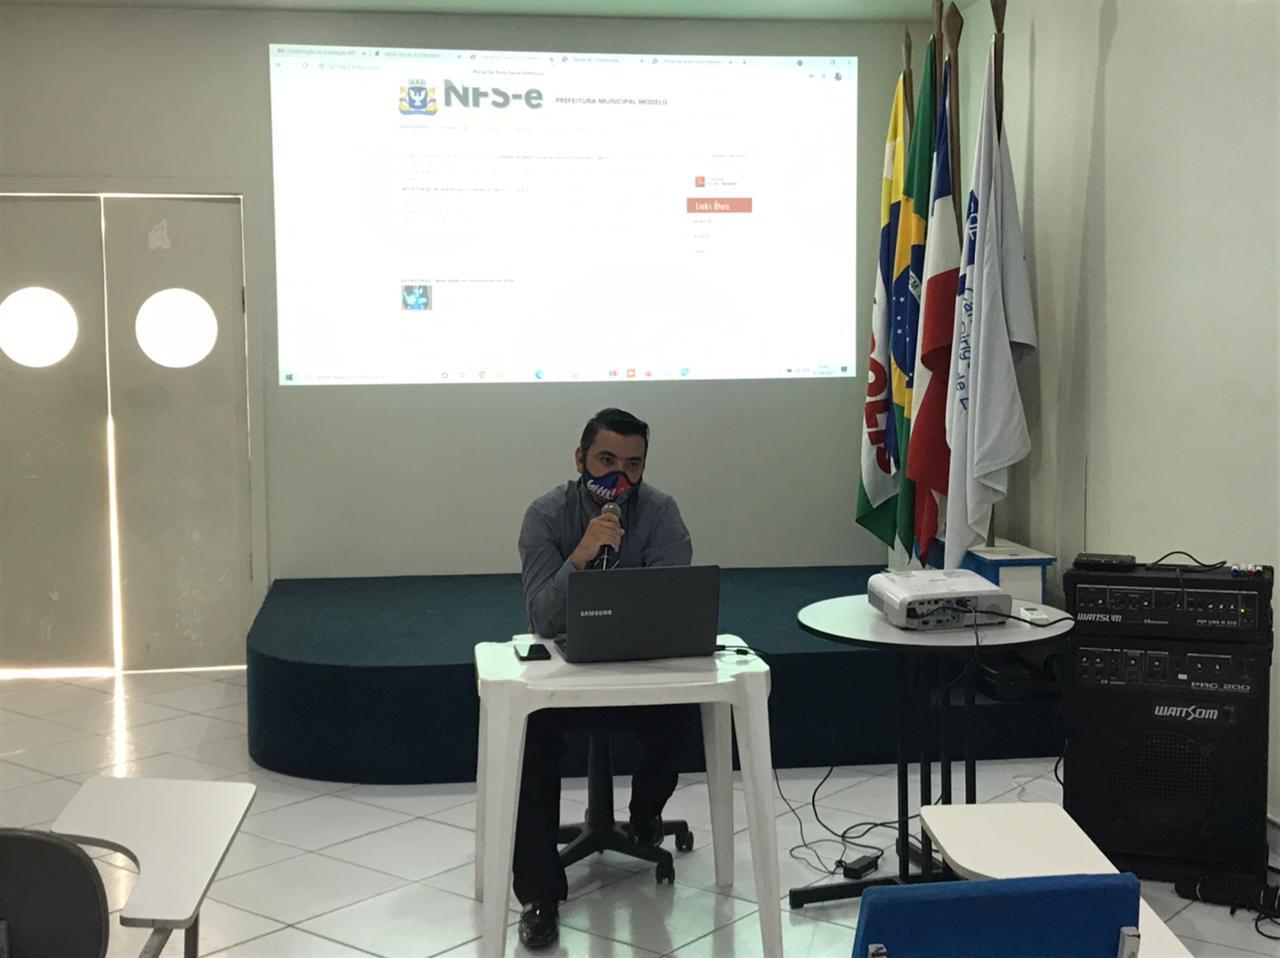 Teve início nessa terça, em Eunápolis, o treinamento do novo sistema de emissão de nota fiscal 21